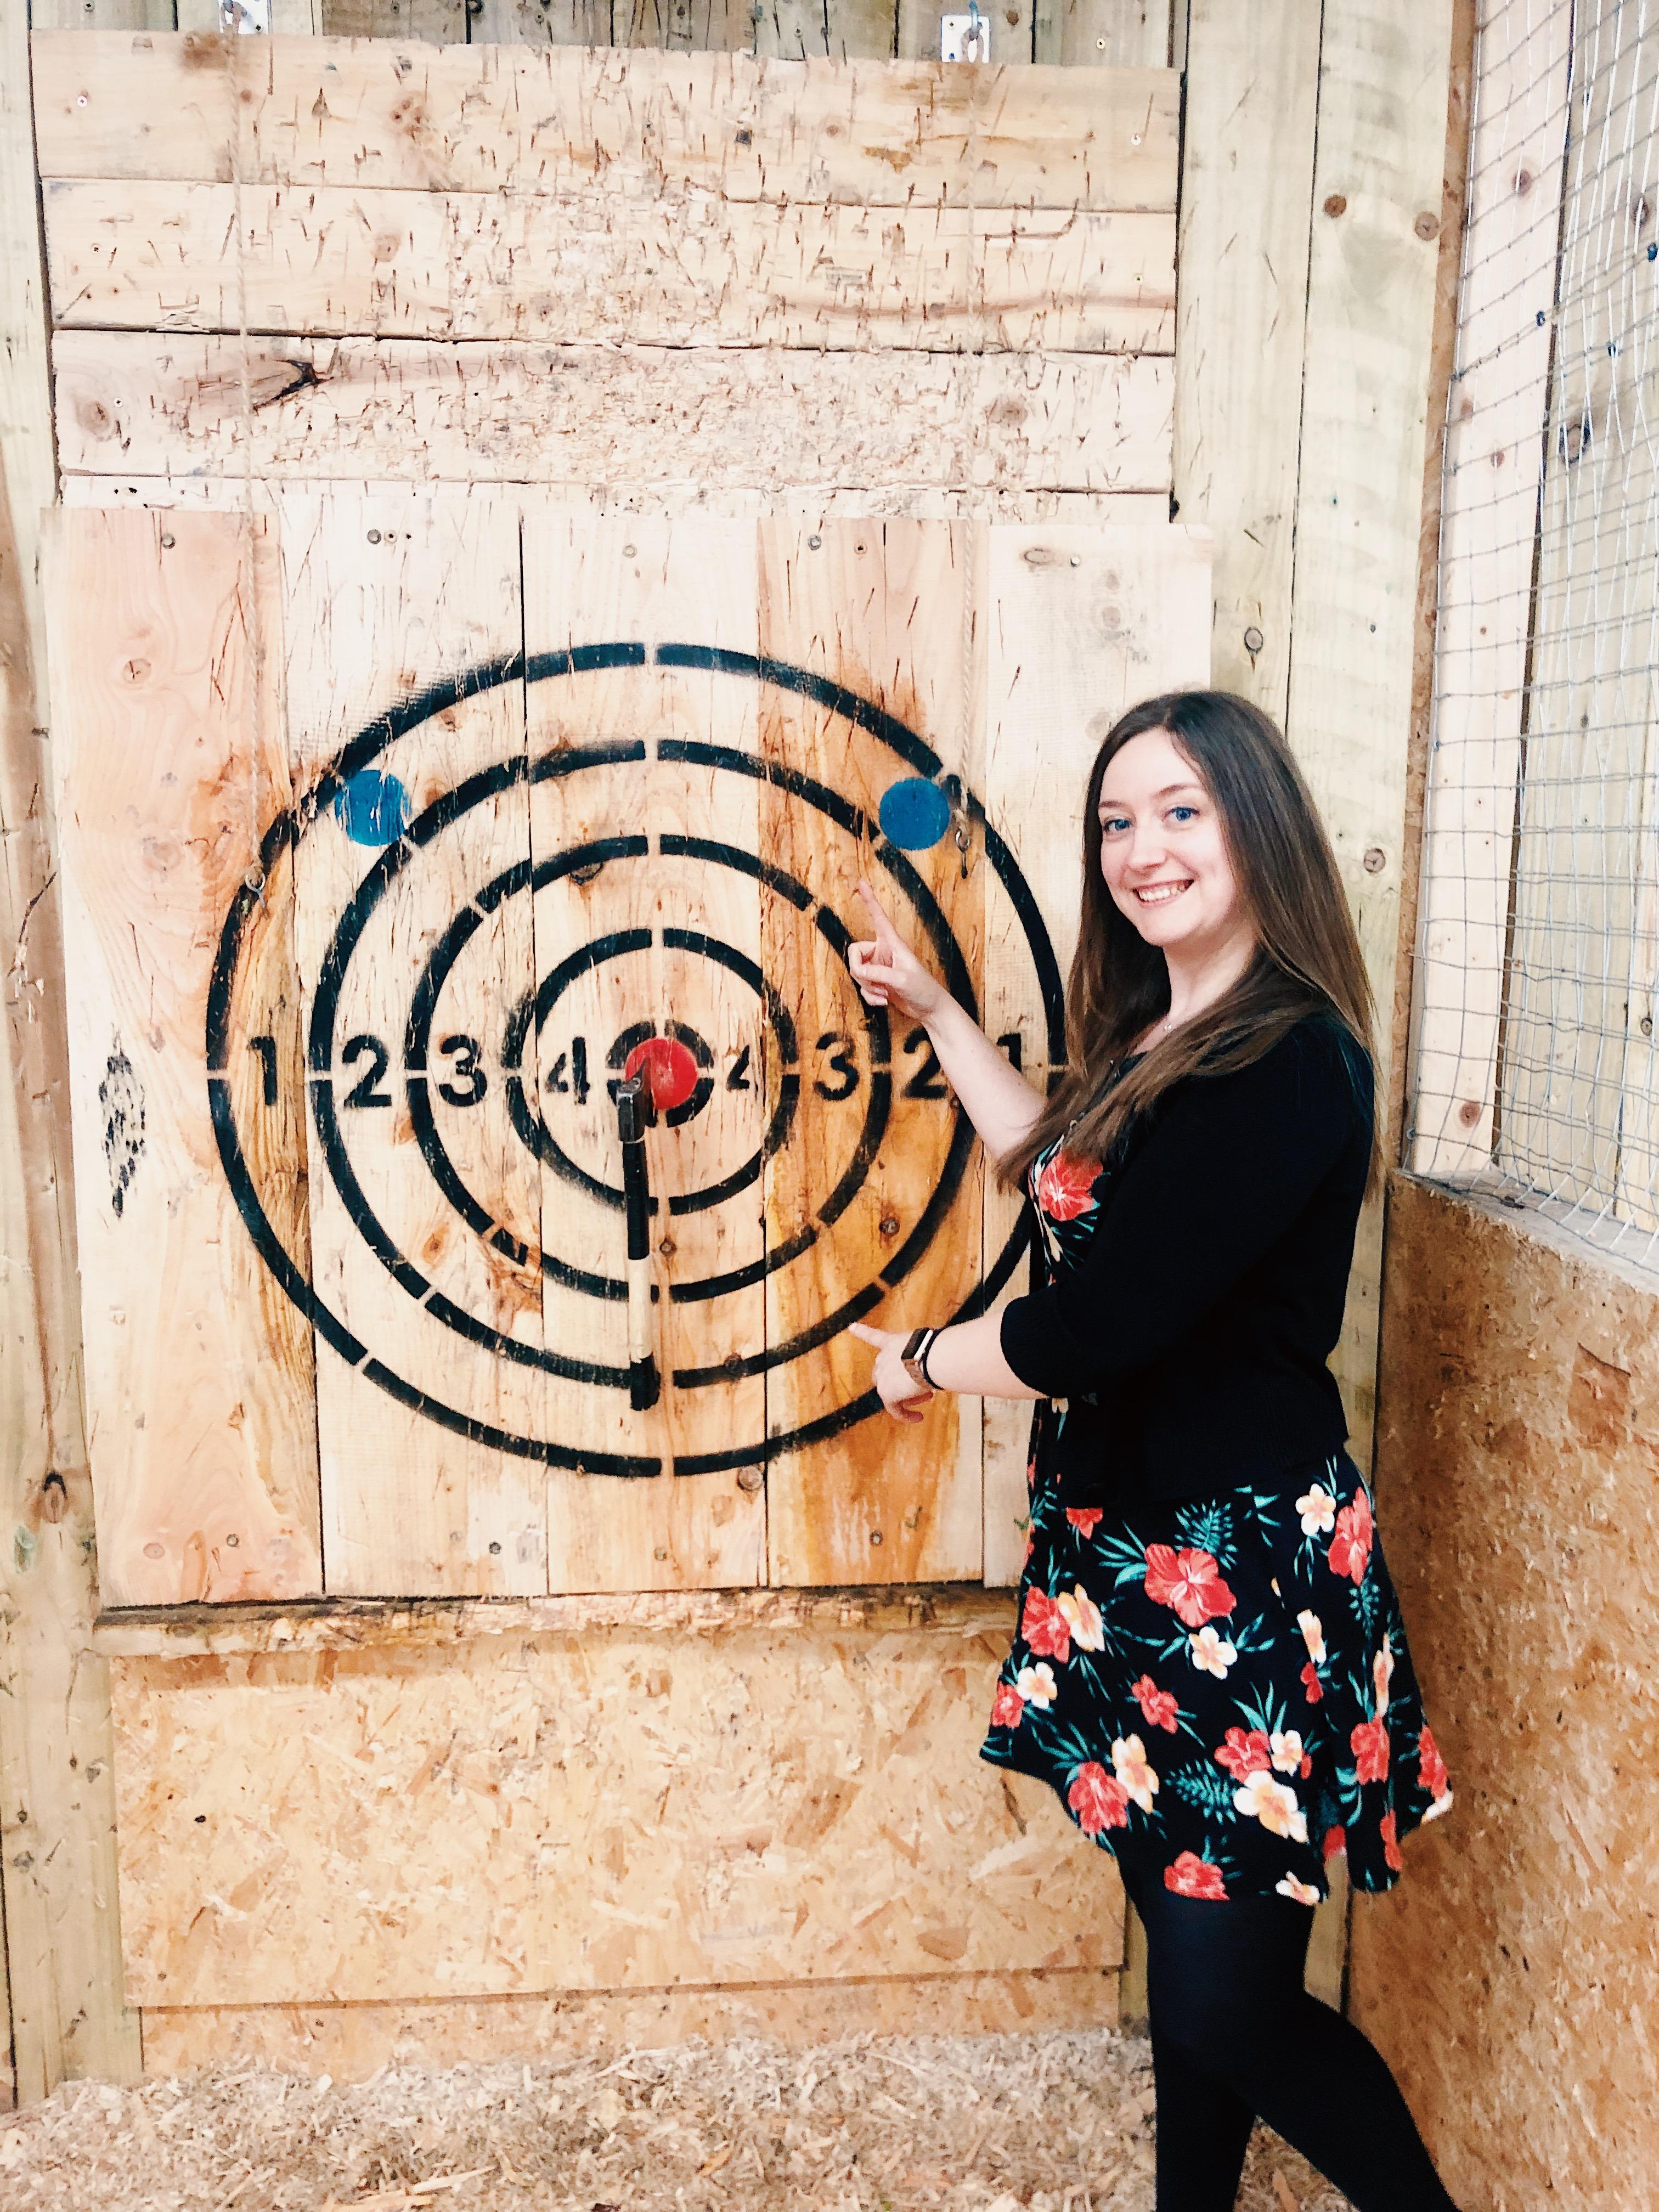 axe throwing timberjacks leeds review